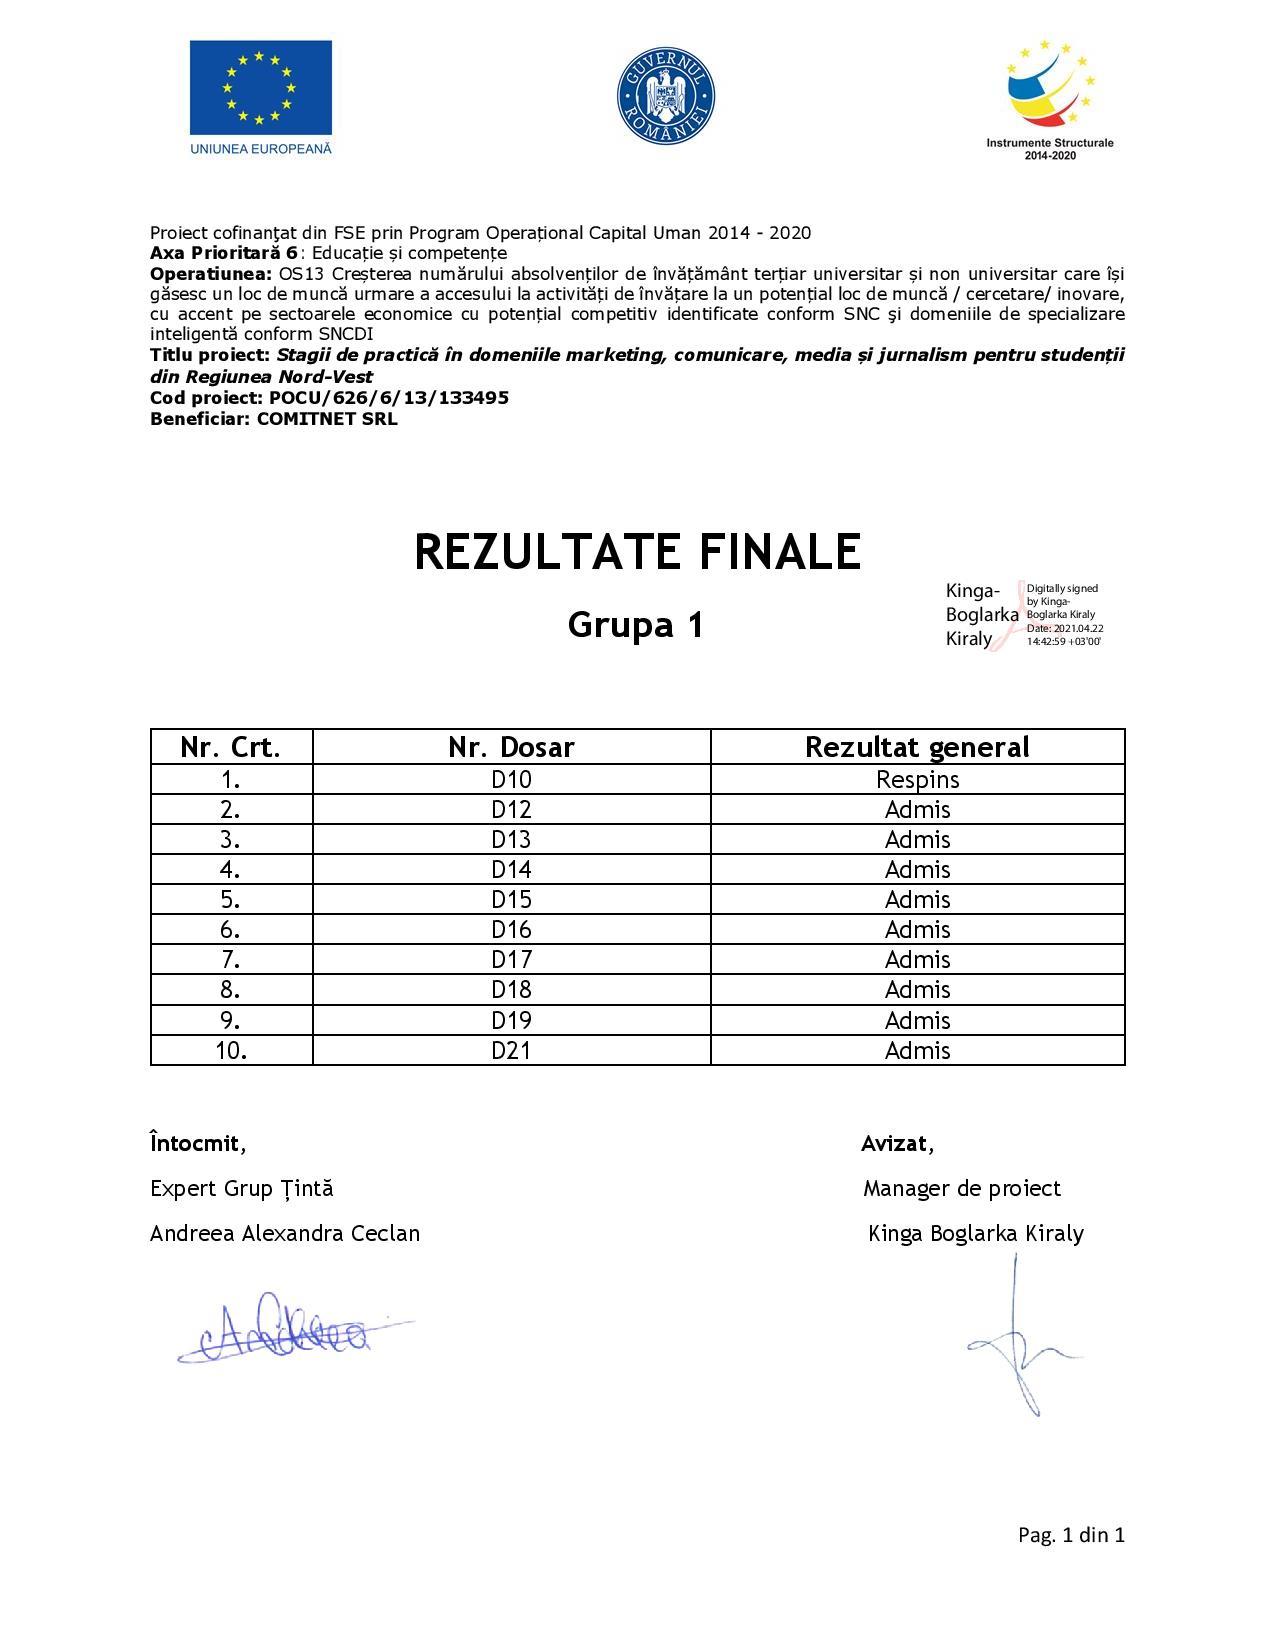 [Stagii de Practică SEO 365] Rezultate finale - Grupa I (1)-page-001